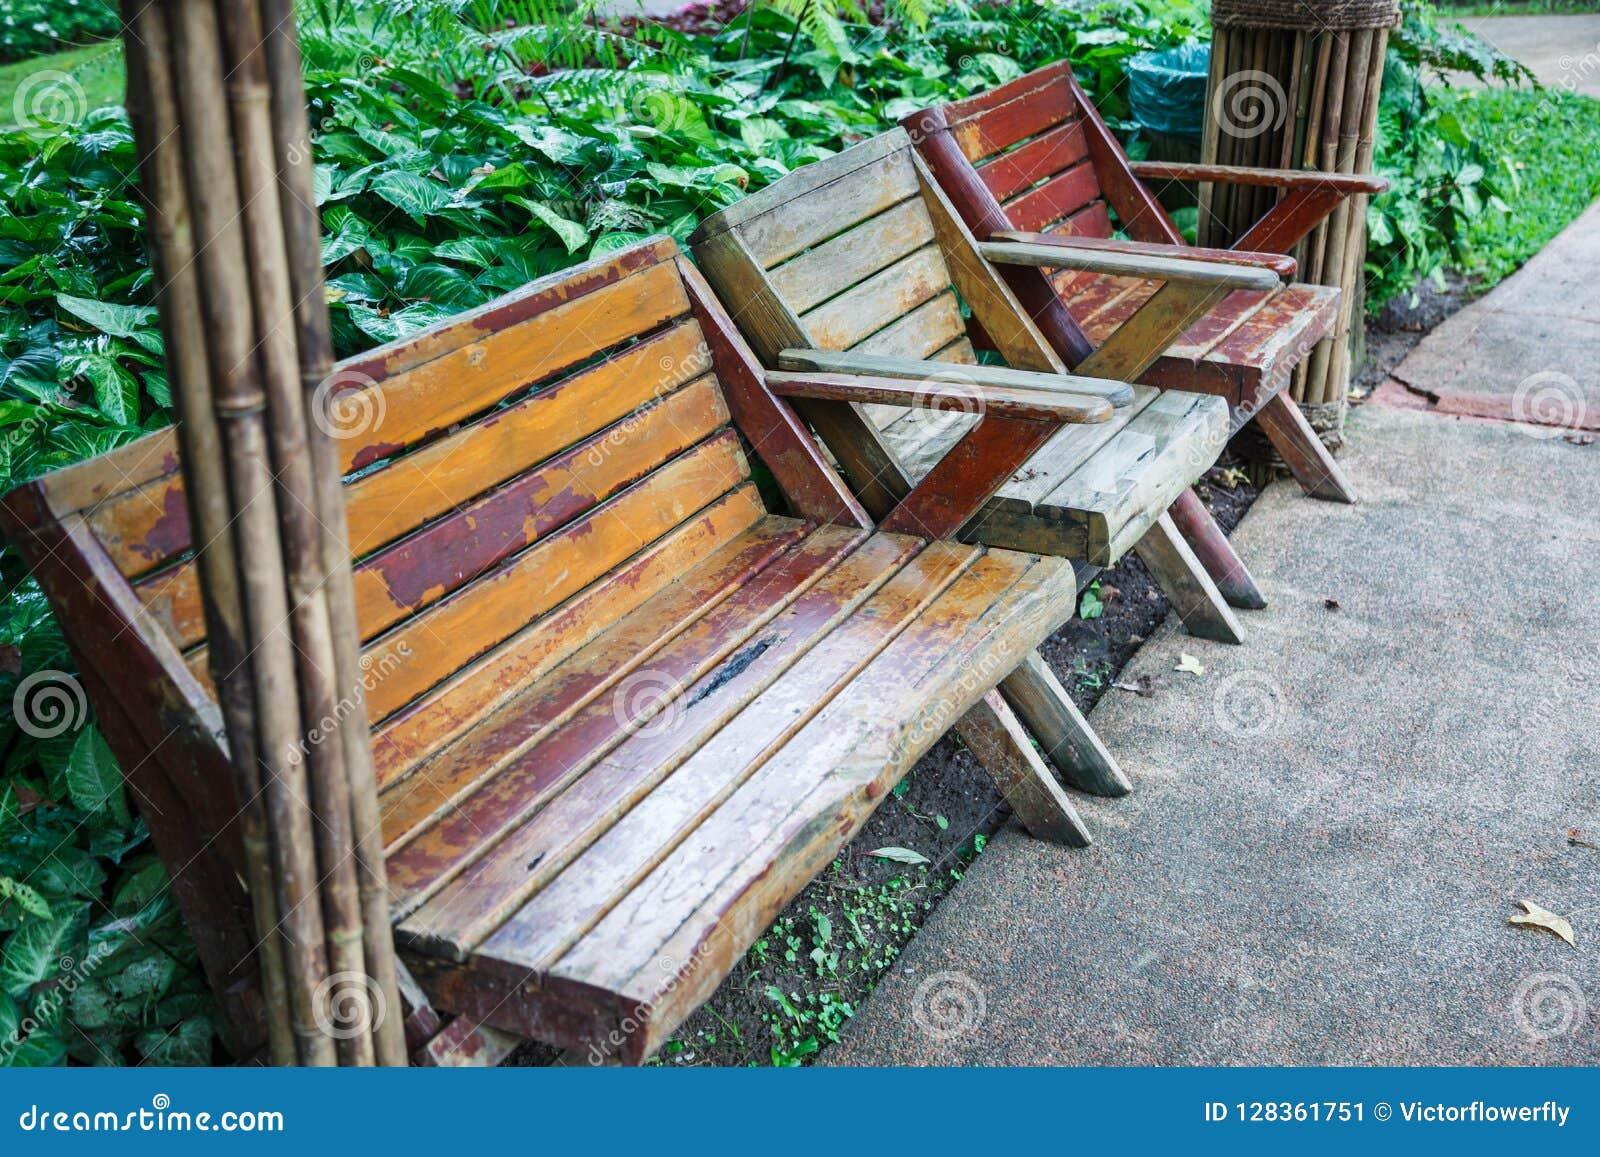 Chaises Aménagés Architecturaux Et Parc Bois En De Banc wZuOPkTXi